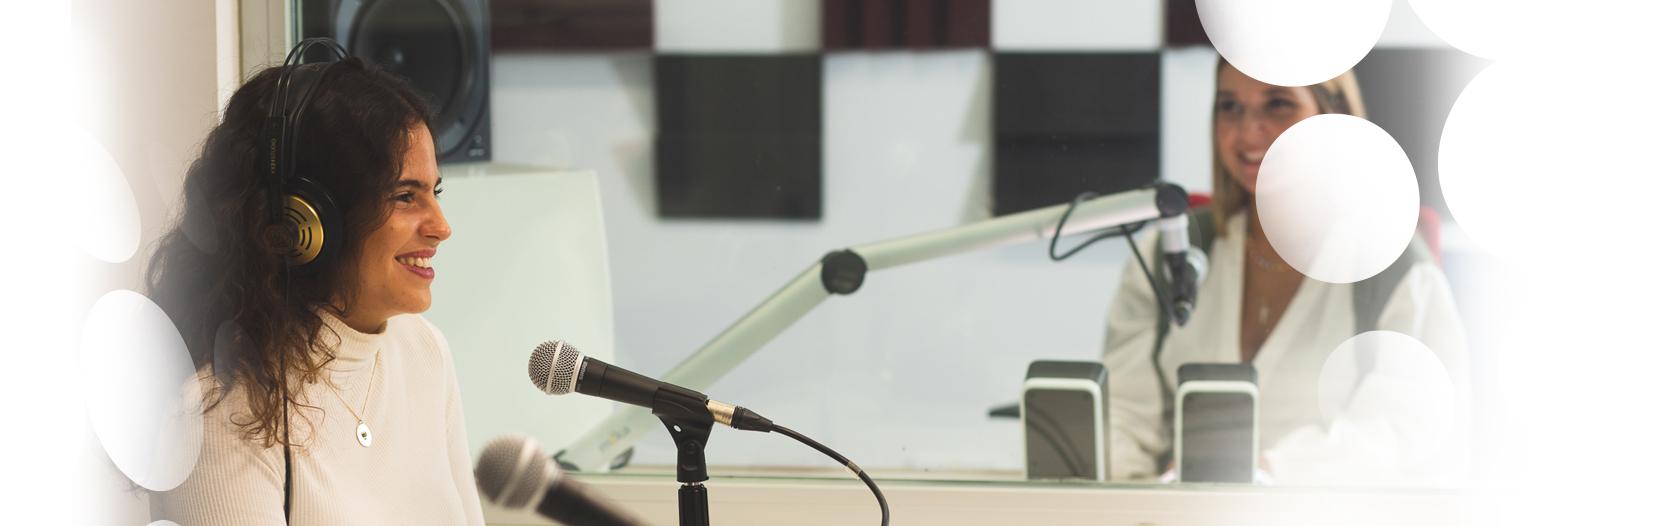 Grado en Periodismo y Comunicación Corporativa + Contenidos Audiovisuales